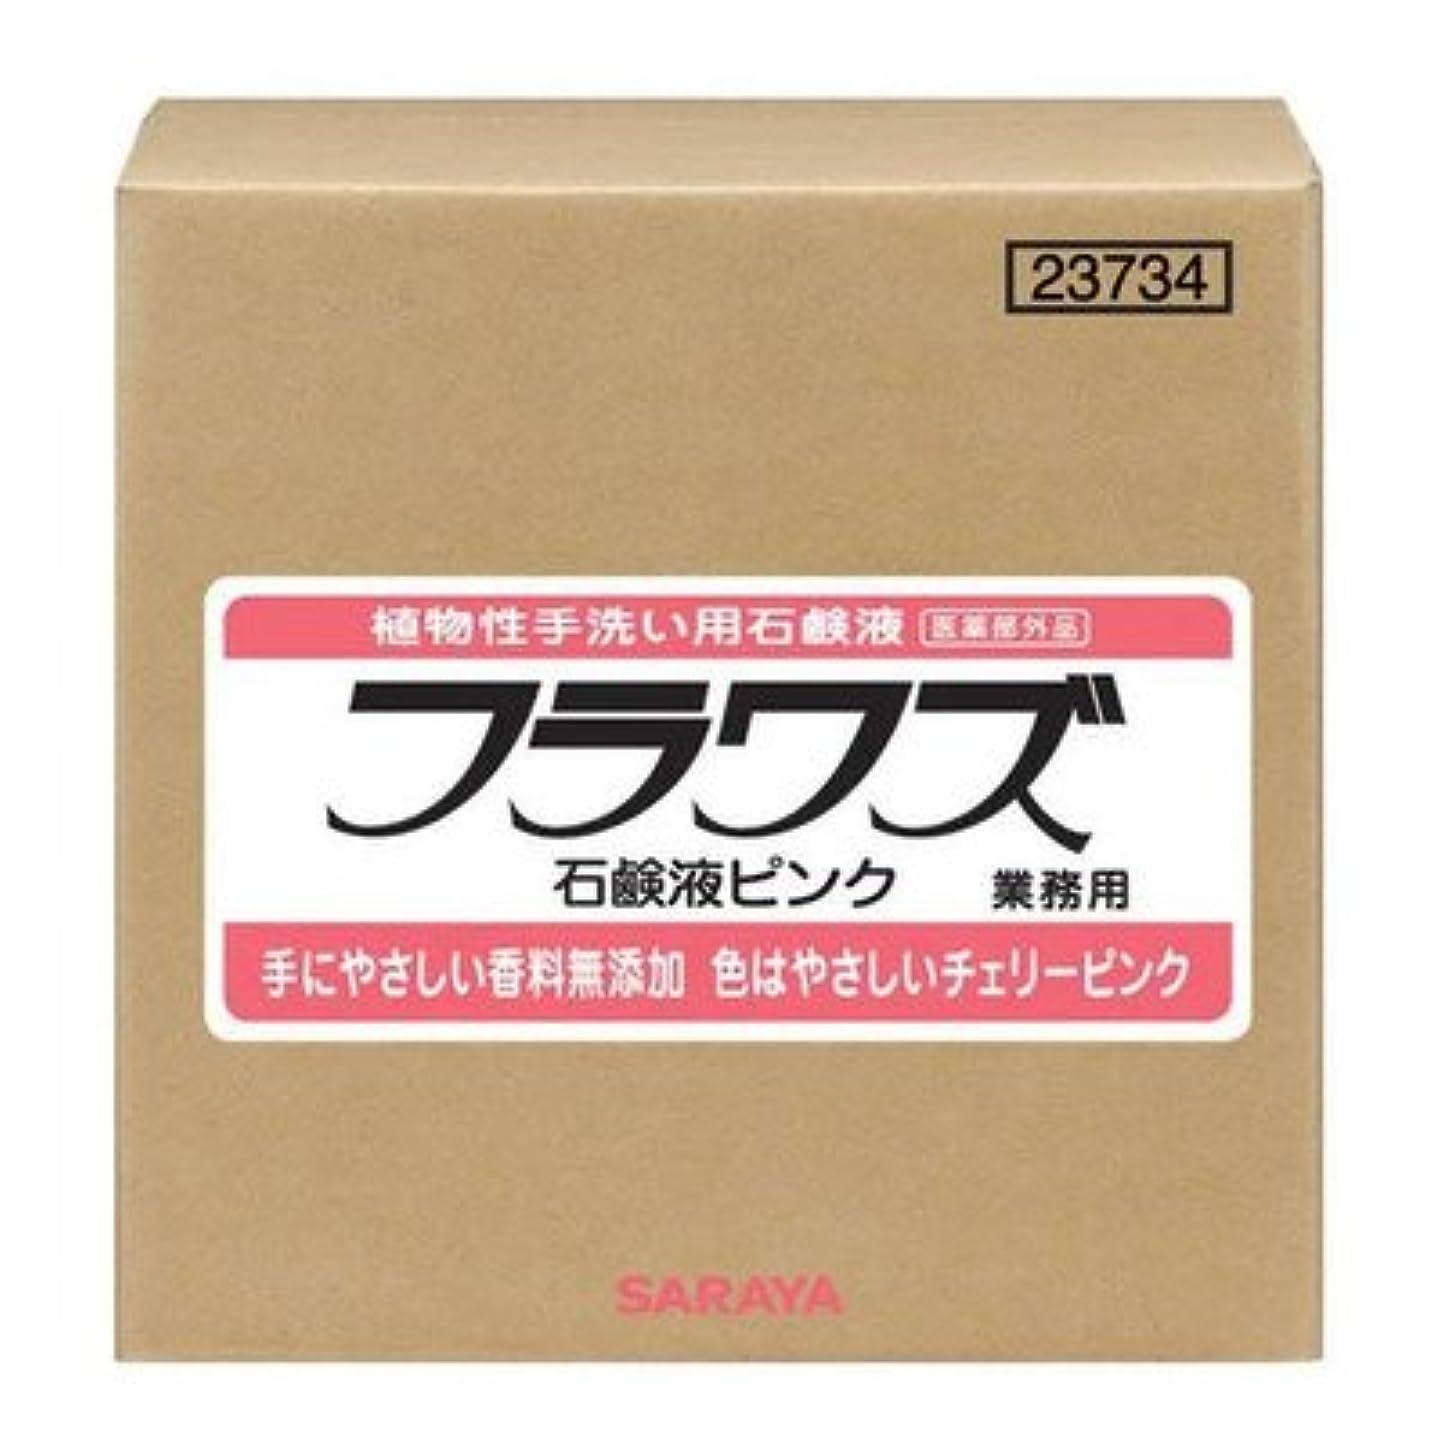 こしょうプレミアム敬礼パブリックスペースに最適なチェリー色の石鹸液 サラヤ フラワズ石鹸液ピンク 20kg BIB 1箱